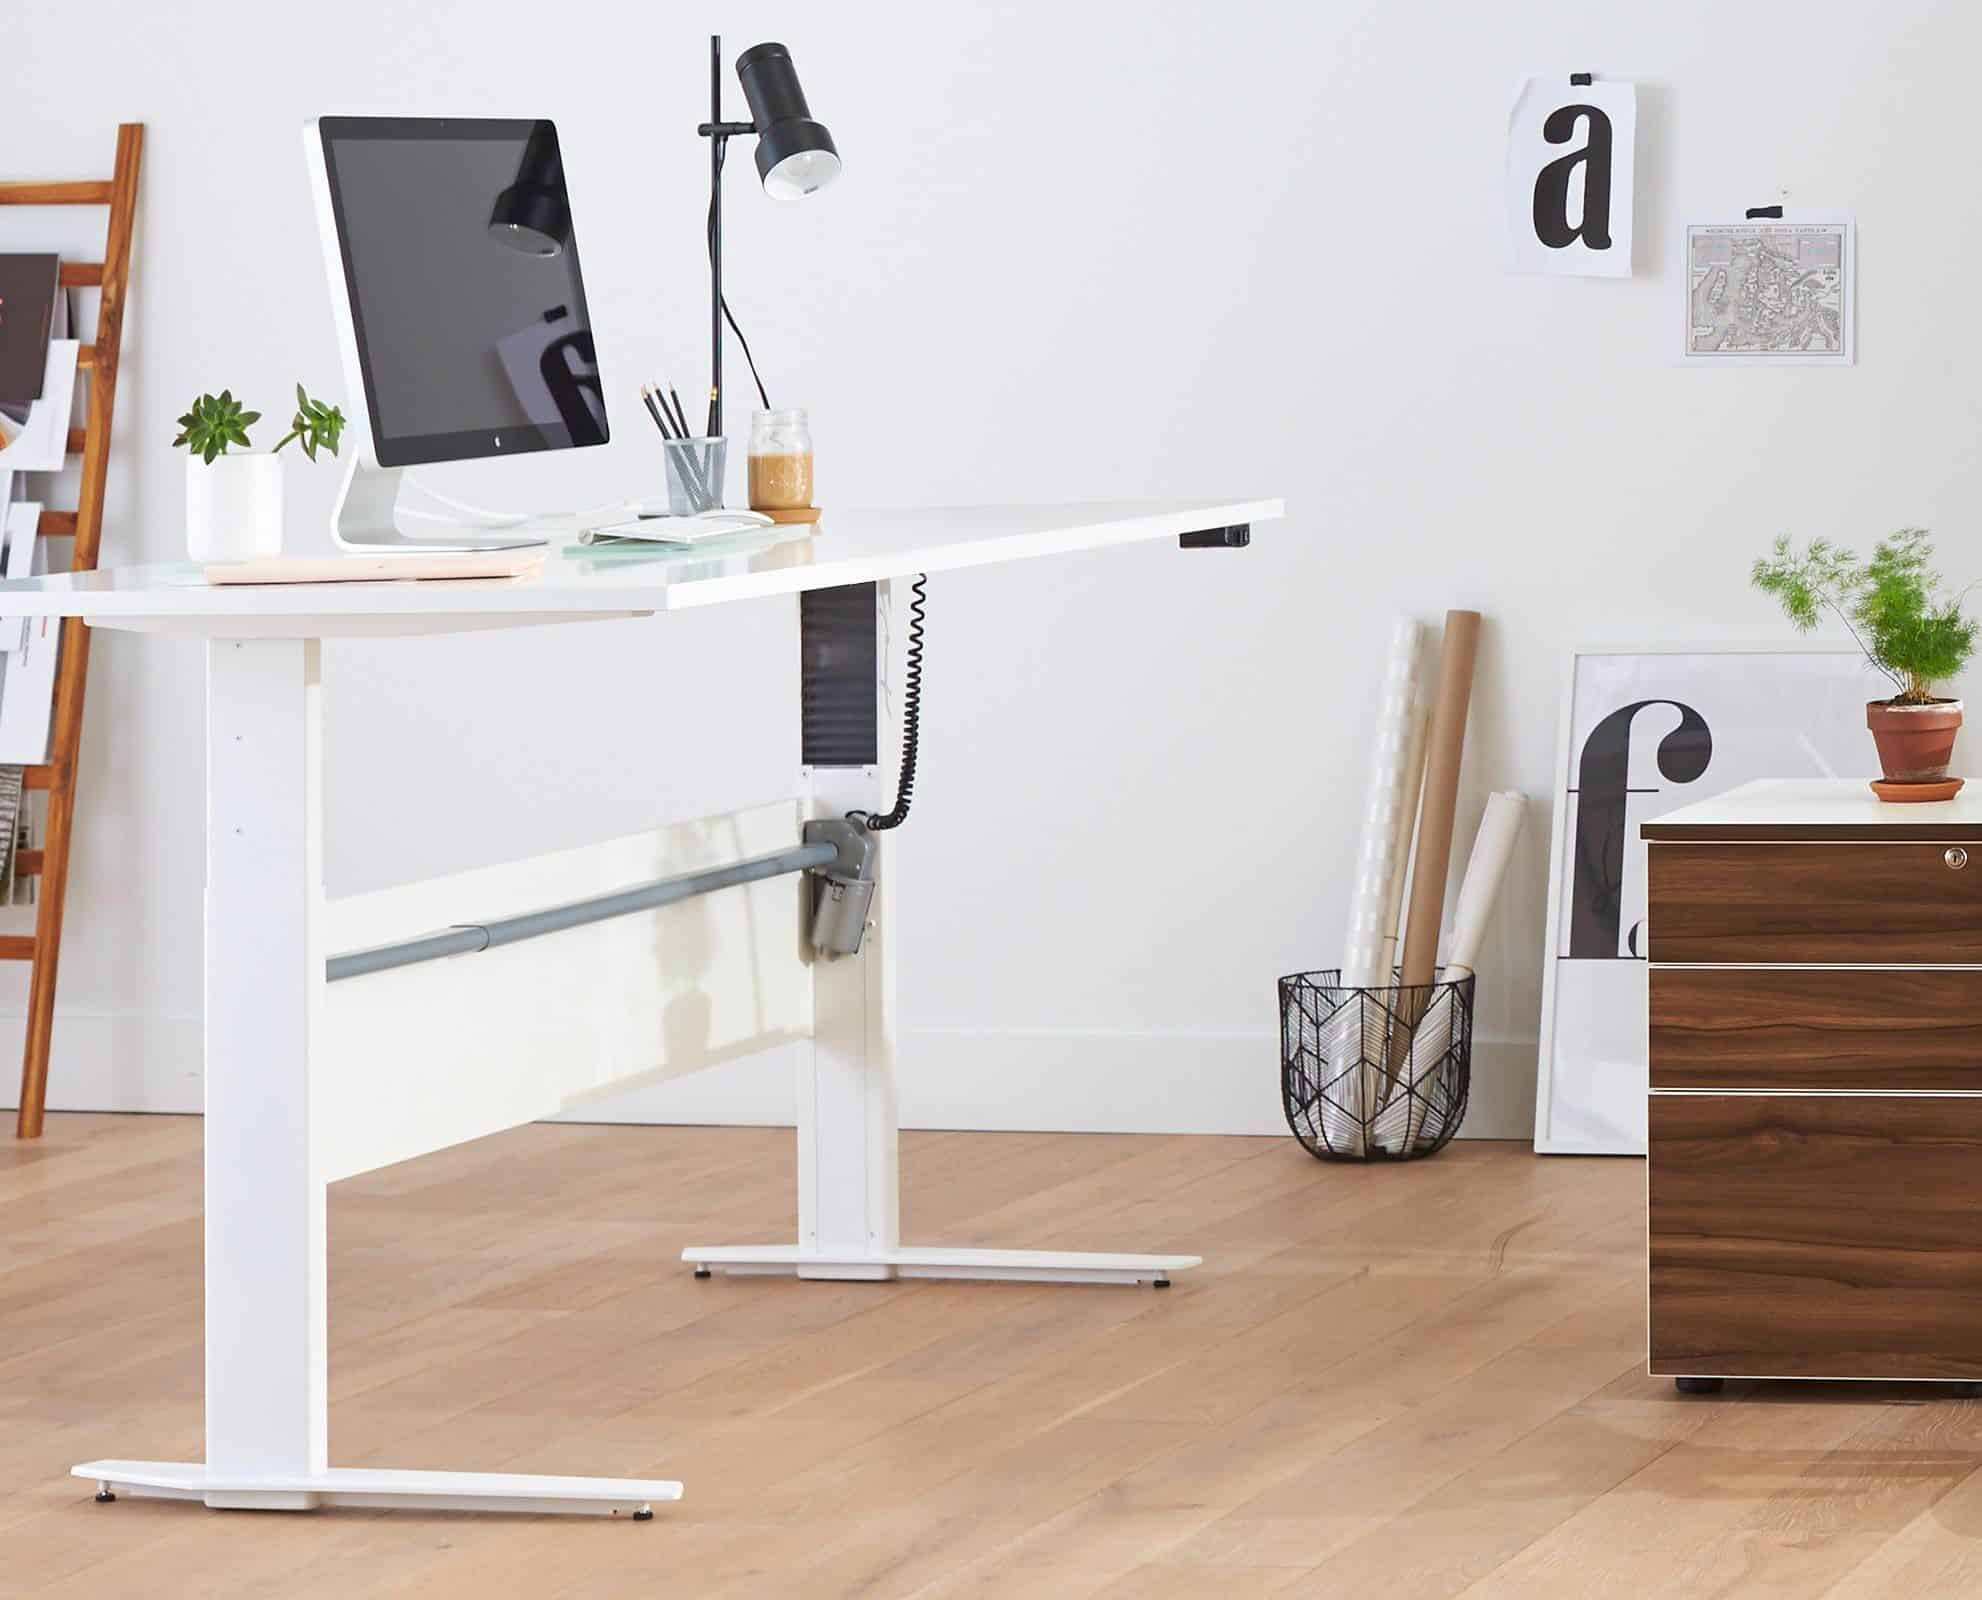 An Adjustable Desk